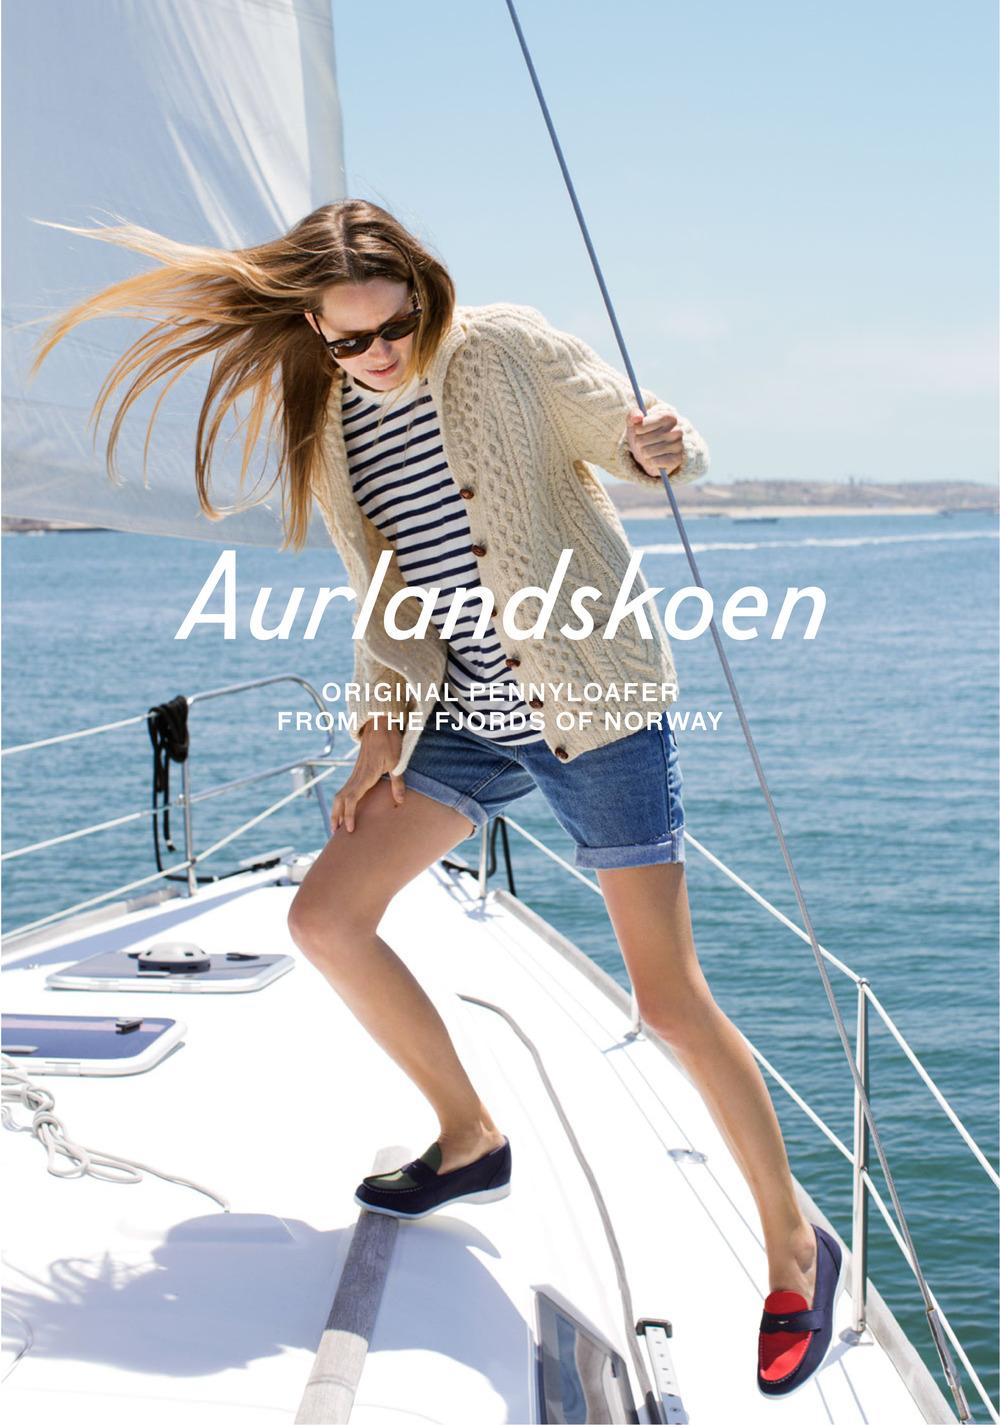 2015_0914_Aurlandskoen_Comp.jpg